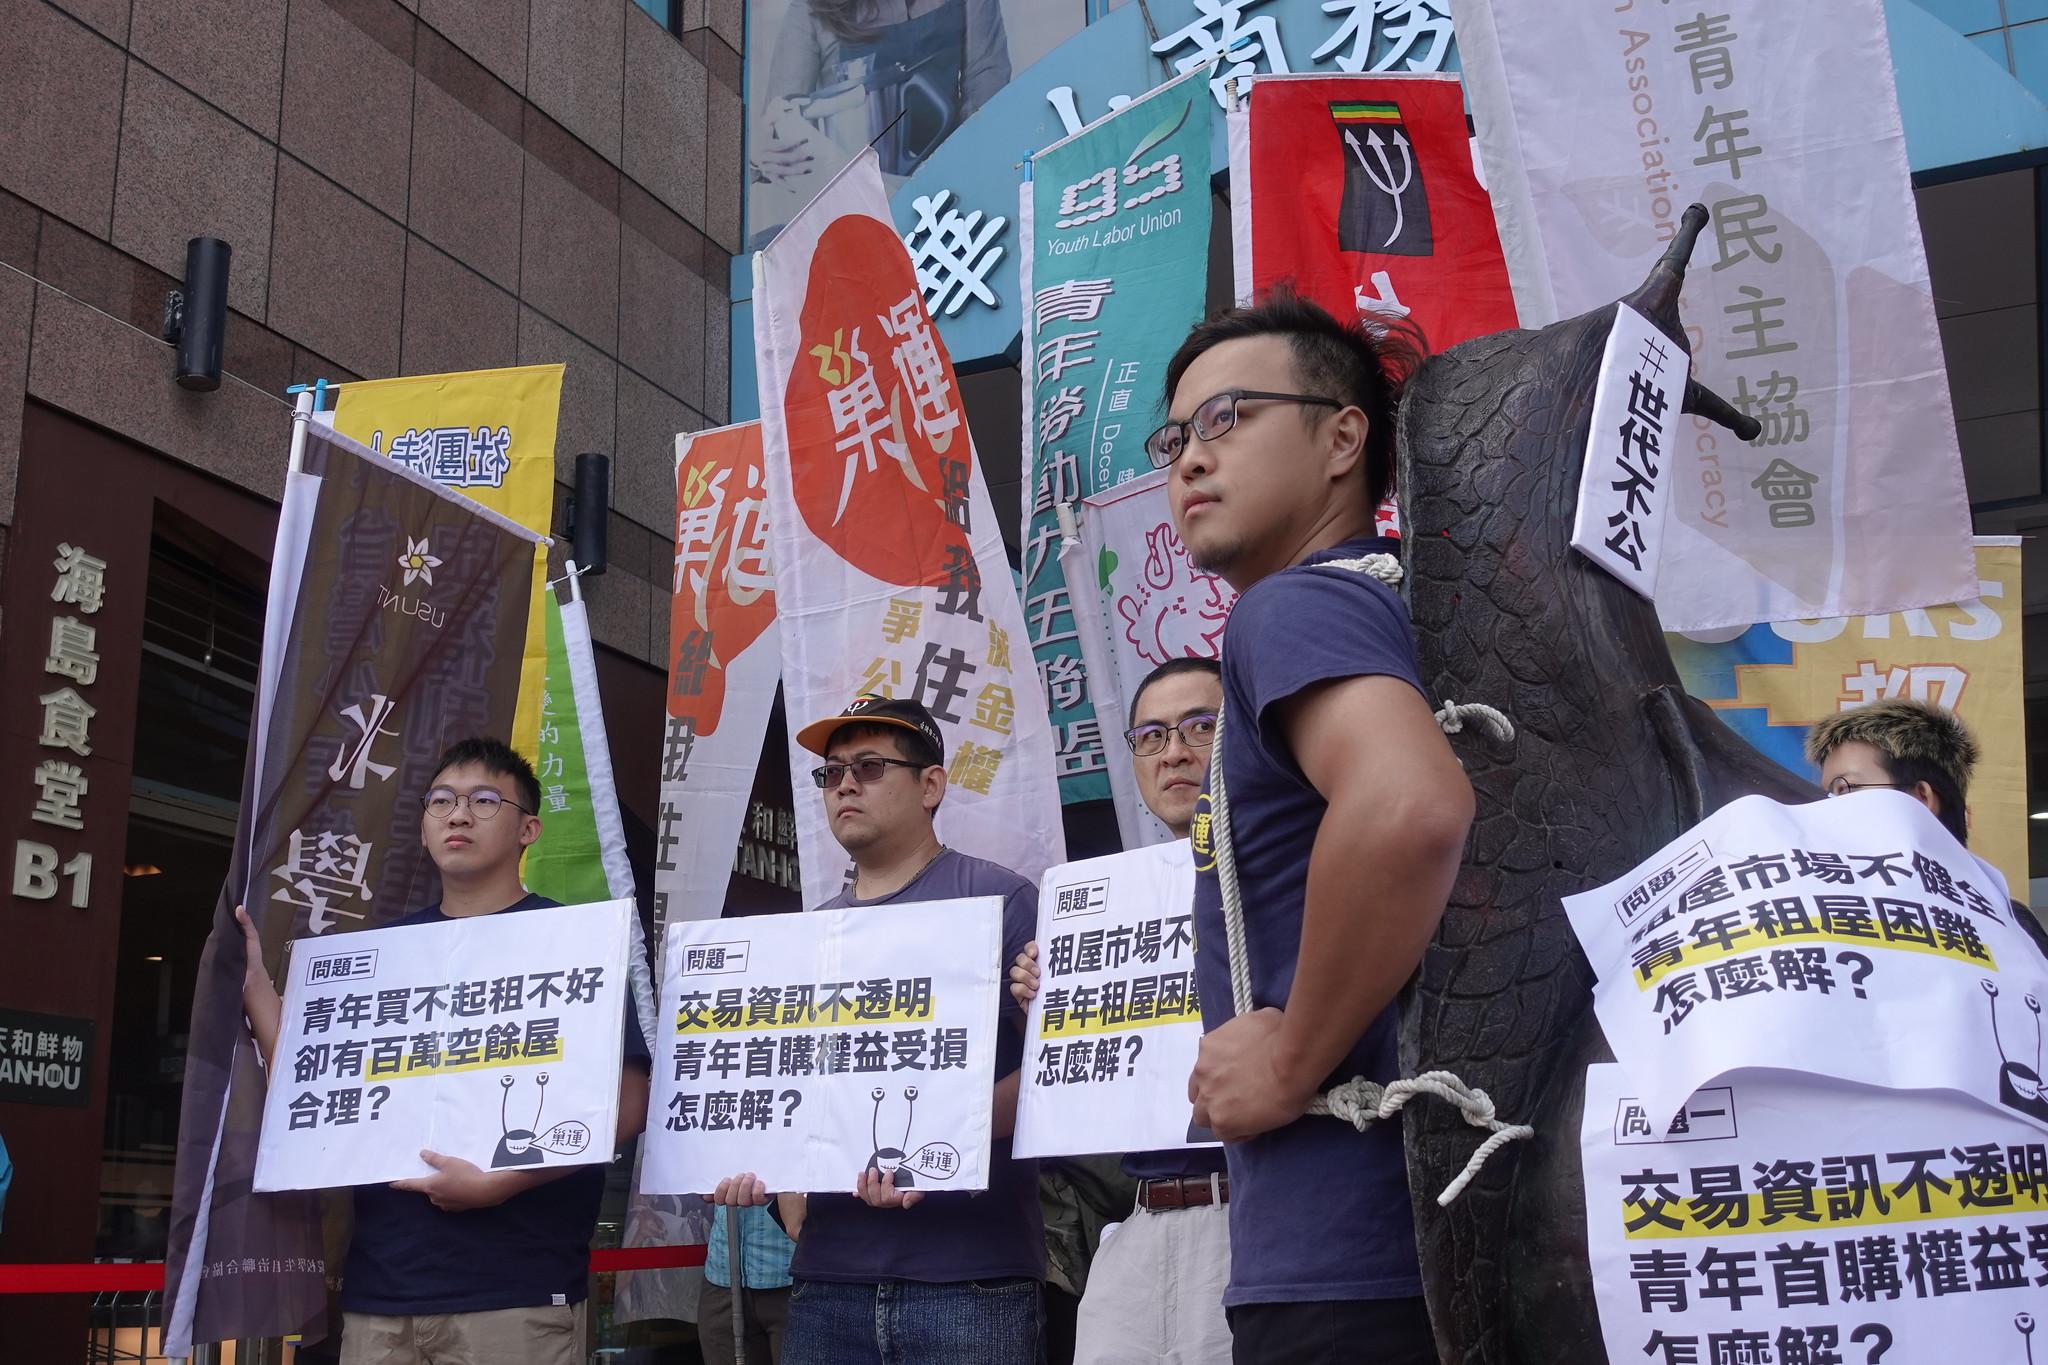 巢運團體到民進黨中央黨部,邀請參與青年安居論壇。(攝影:張智琦)